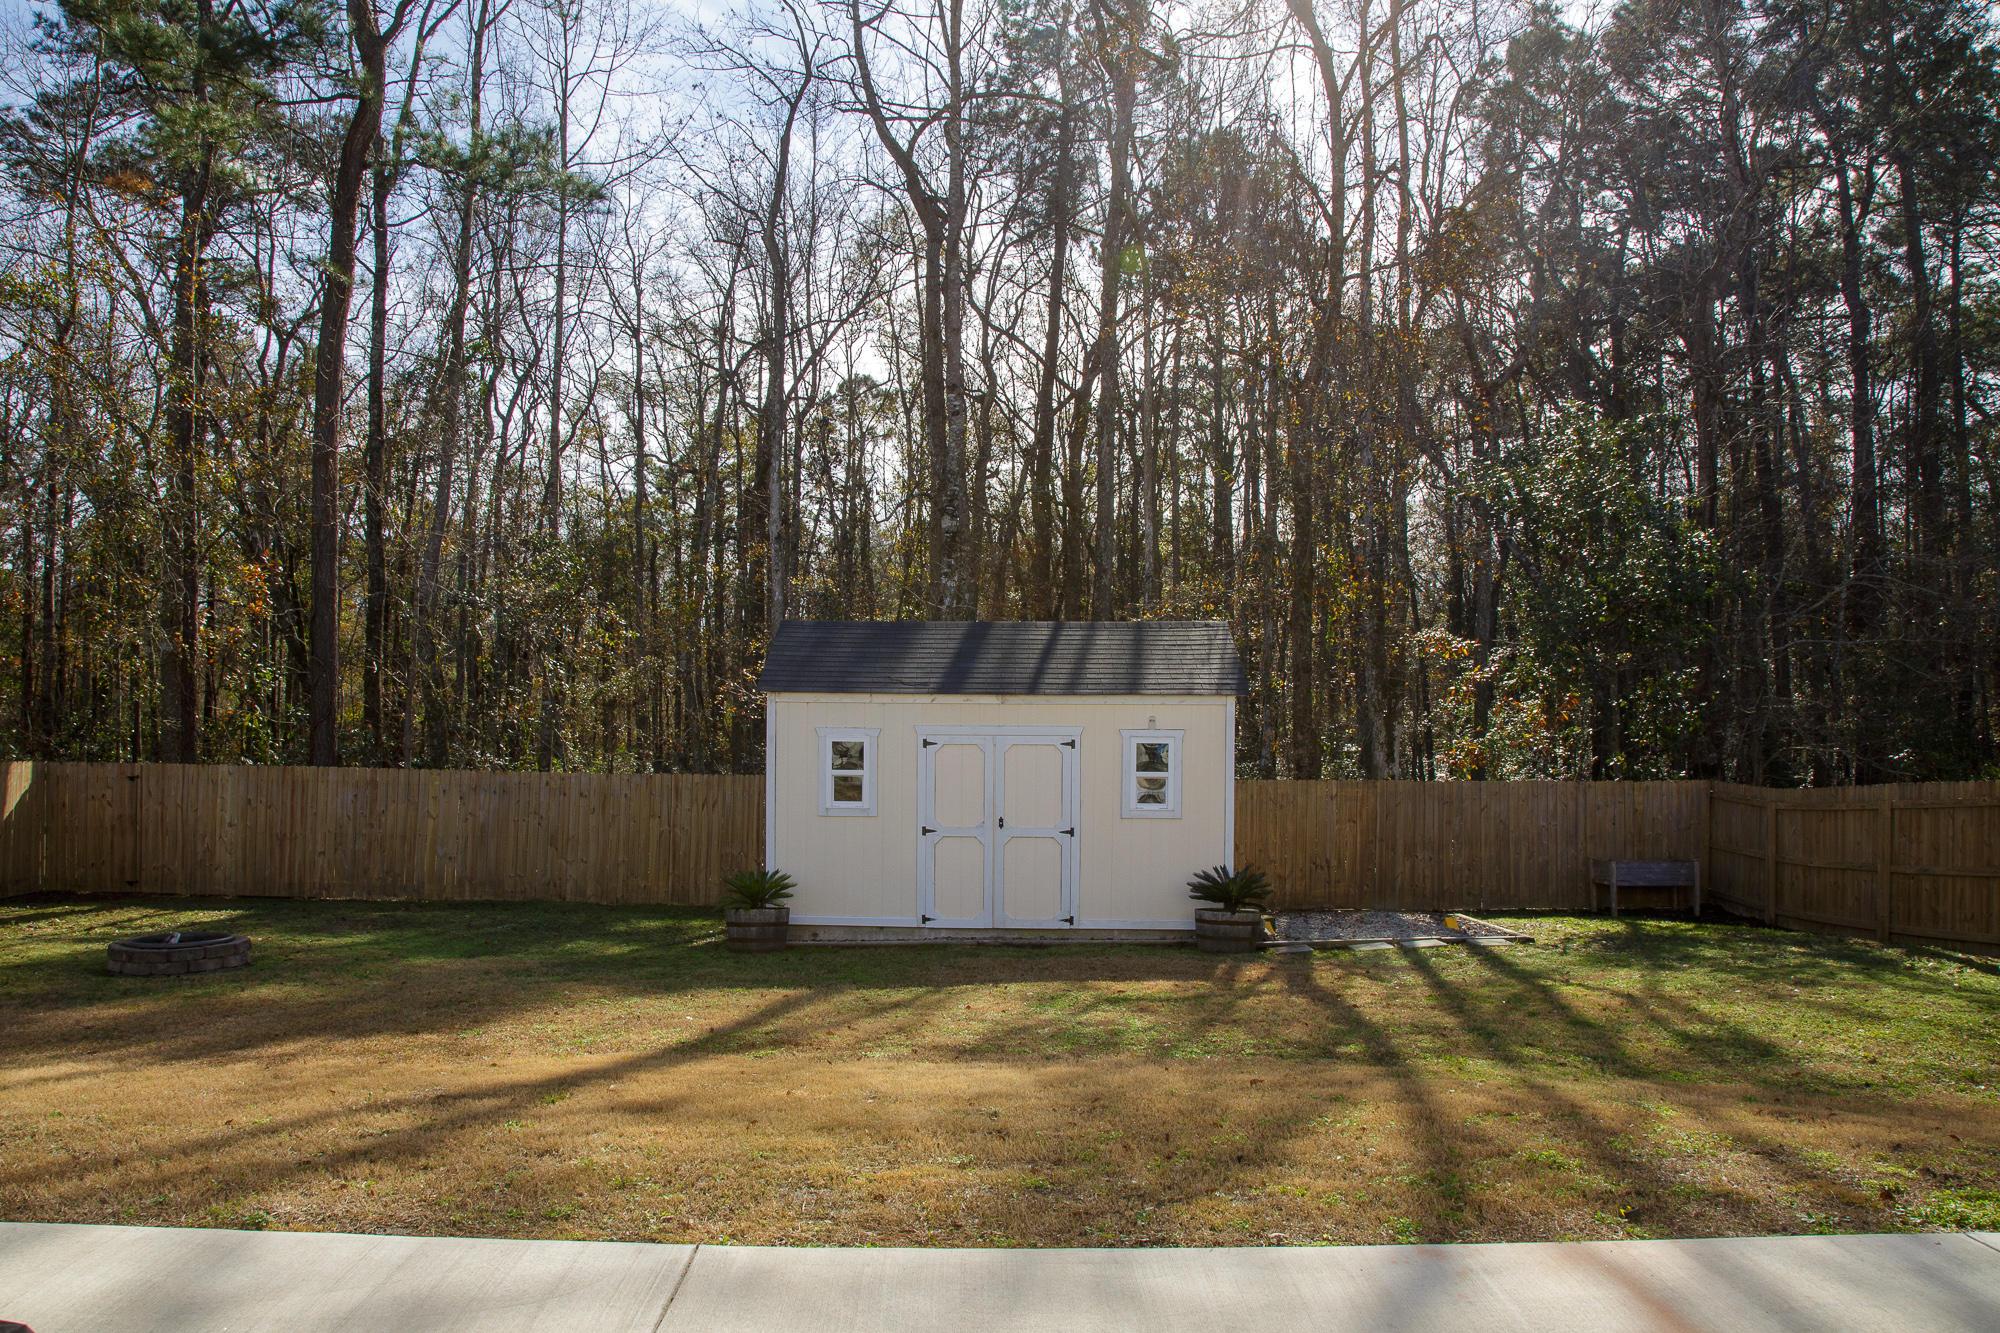 Hawthorne Place Homes For Sale - 347 Cohen, Ladson, SC - 0